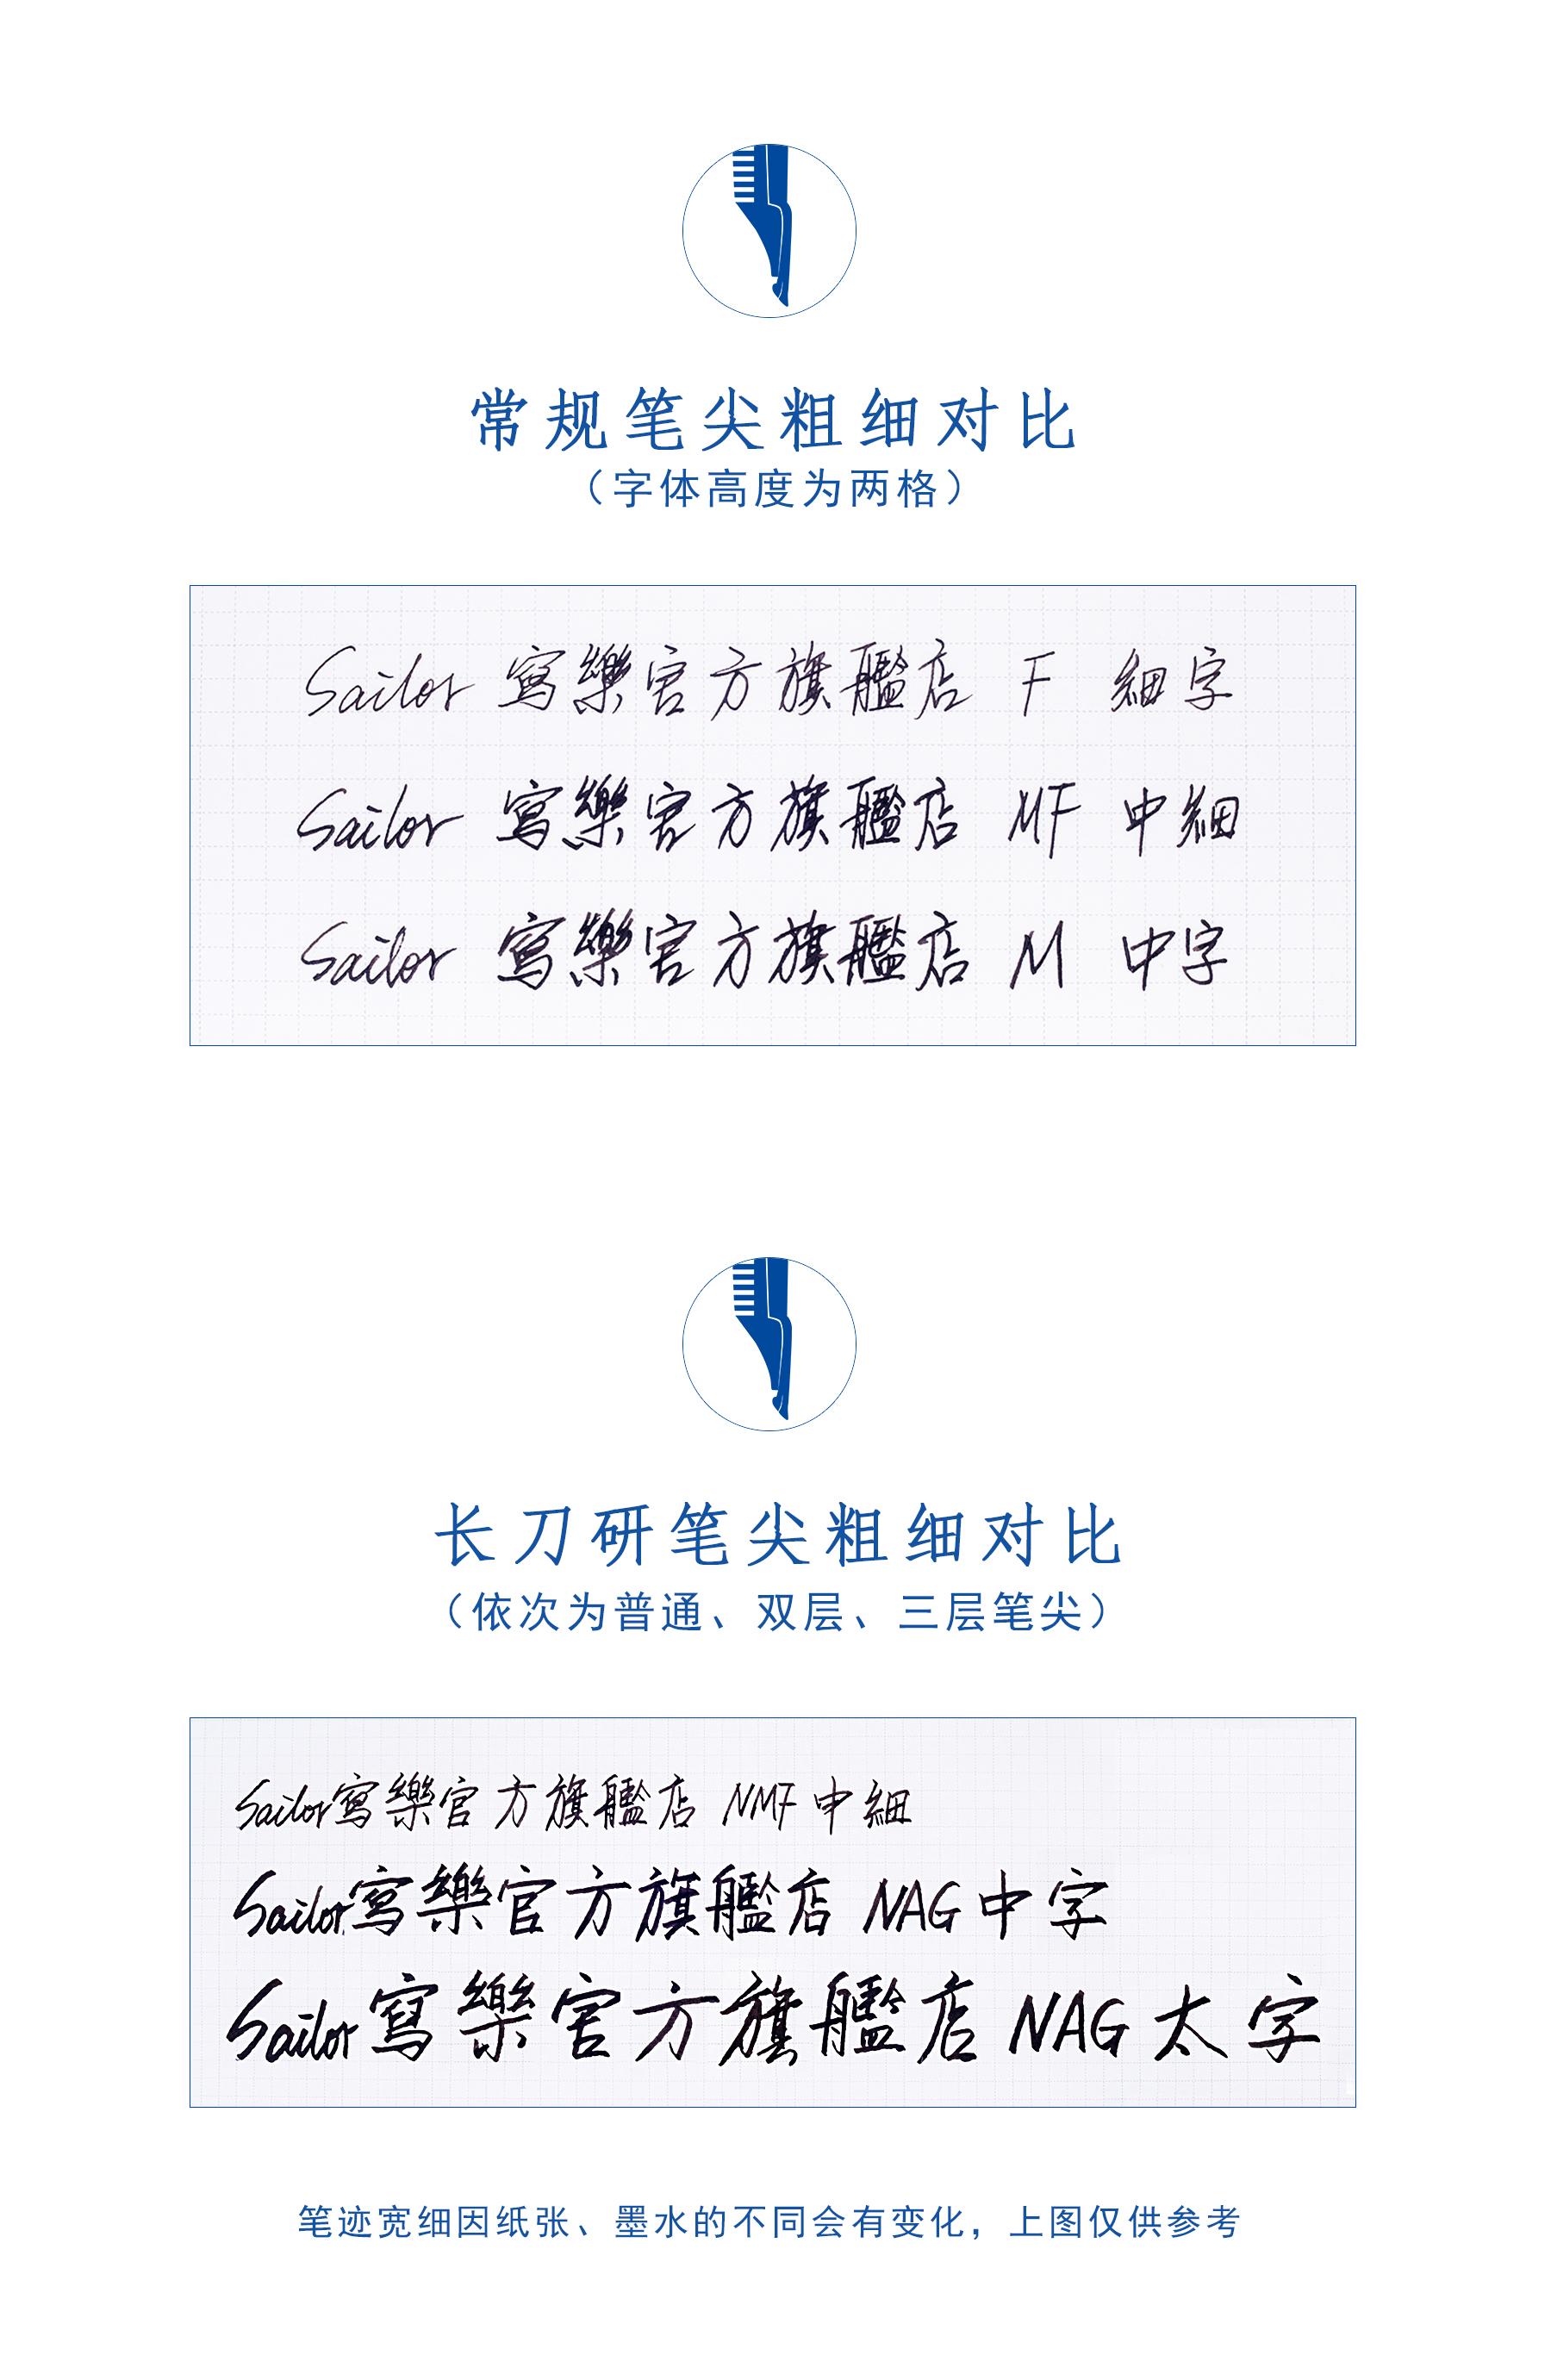 琳瑯街鋪*寫樂 sailor PROMENADE 1031/1033漫步星空藍/紅色/黑色魚雷船錨筆夾14K金尖鋼筆